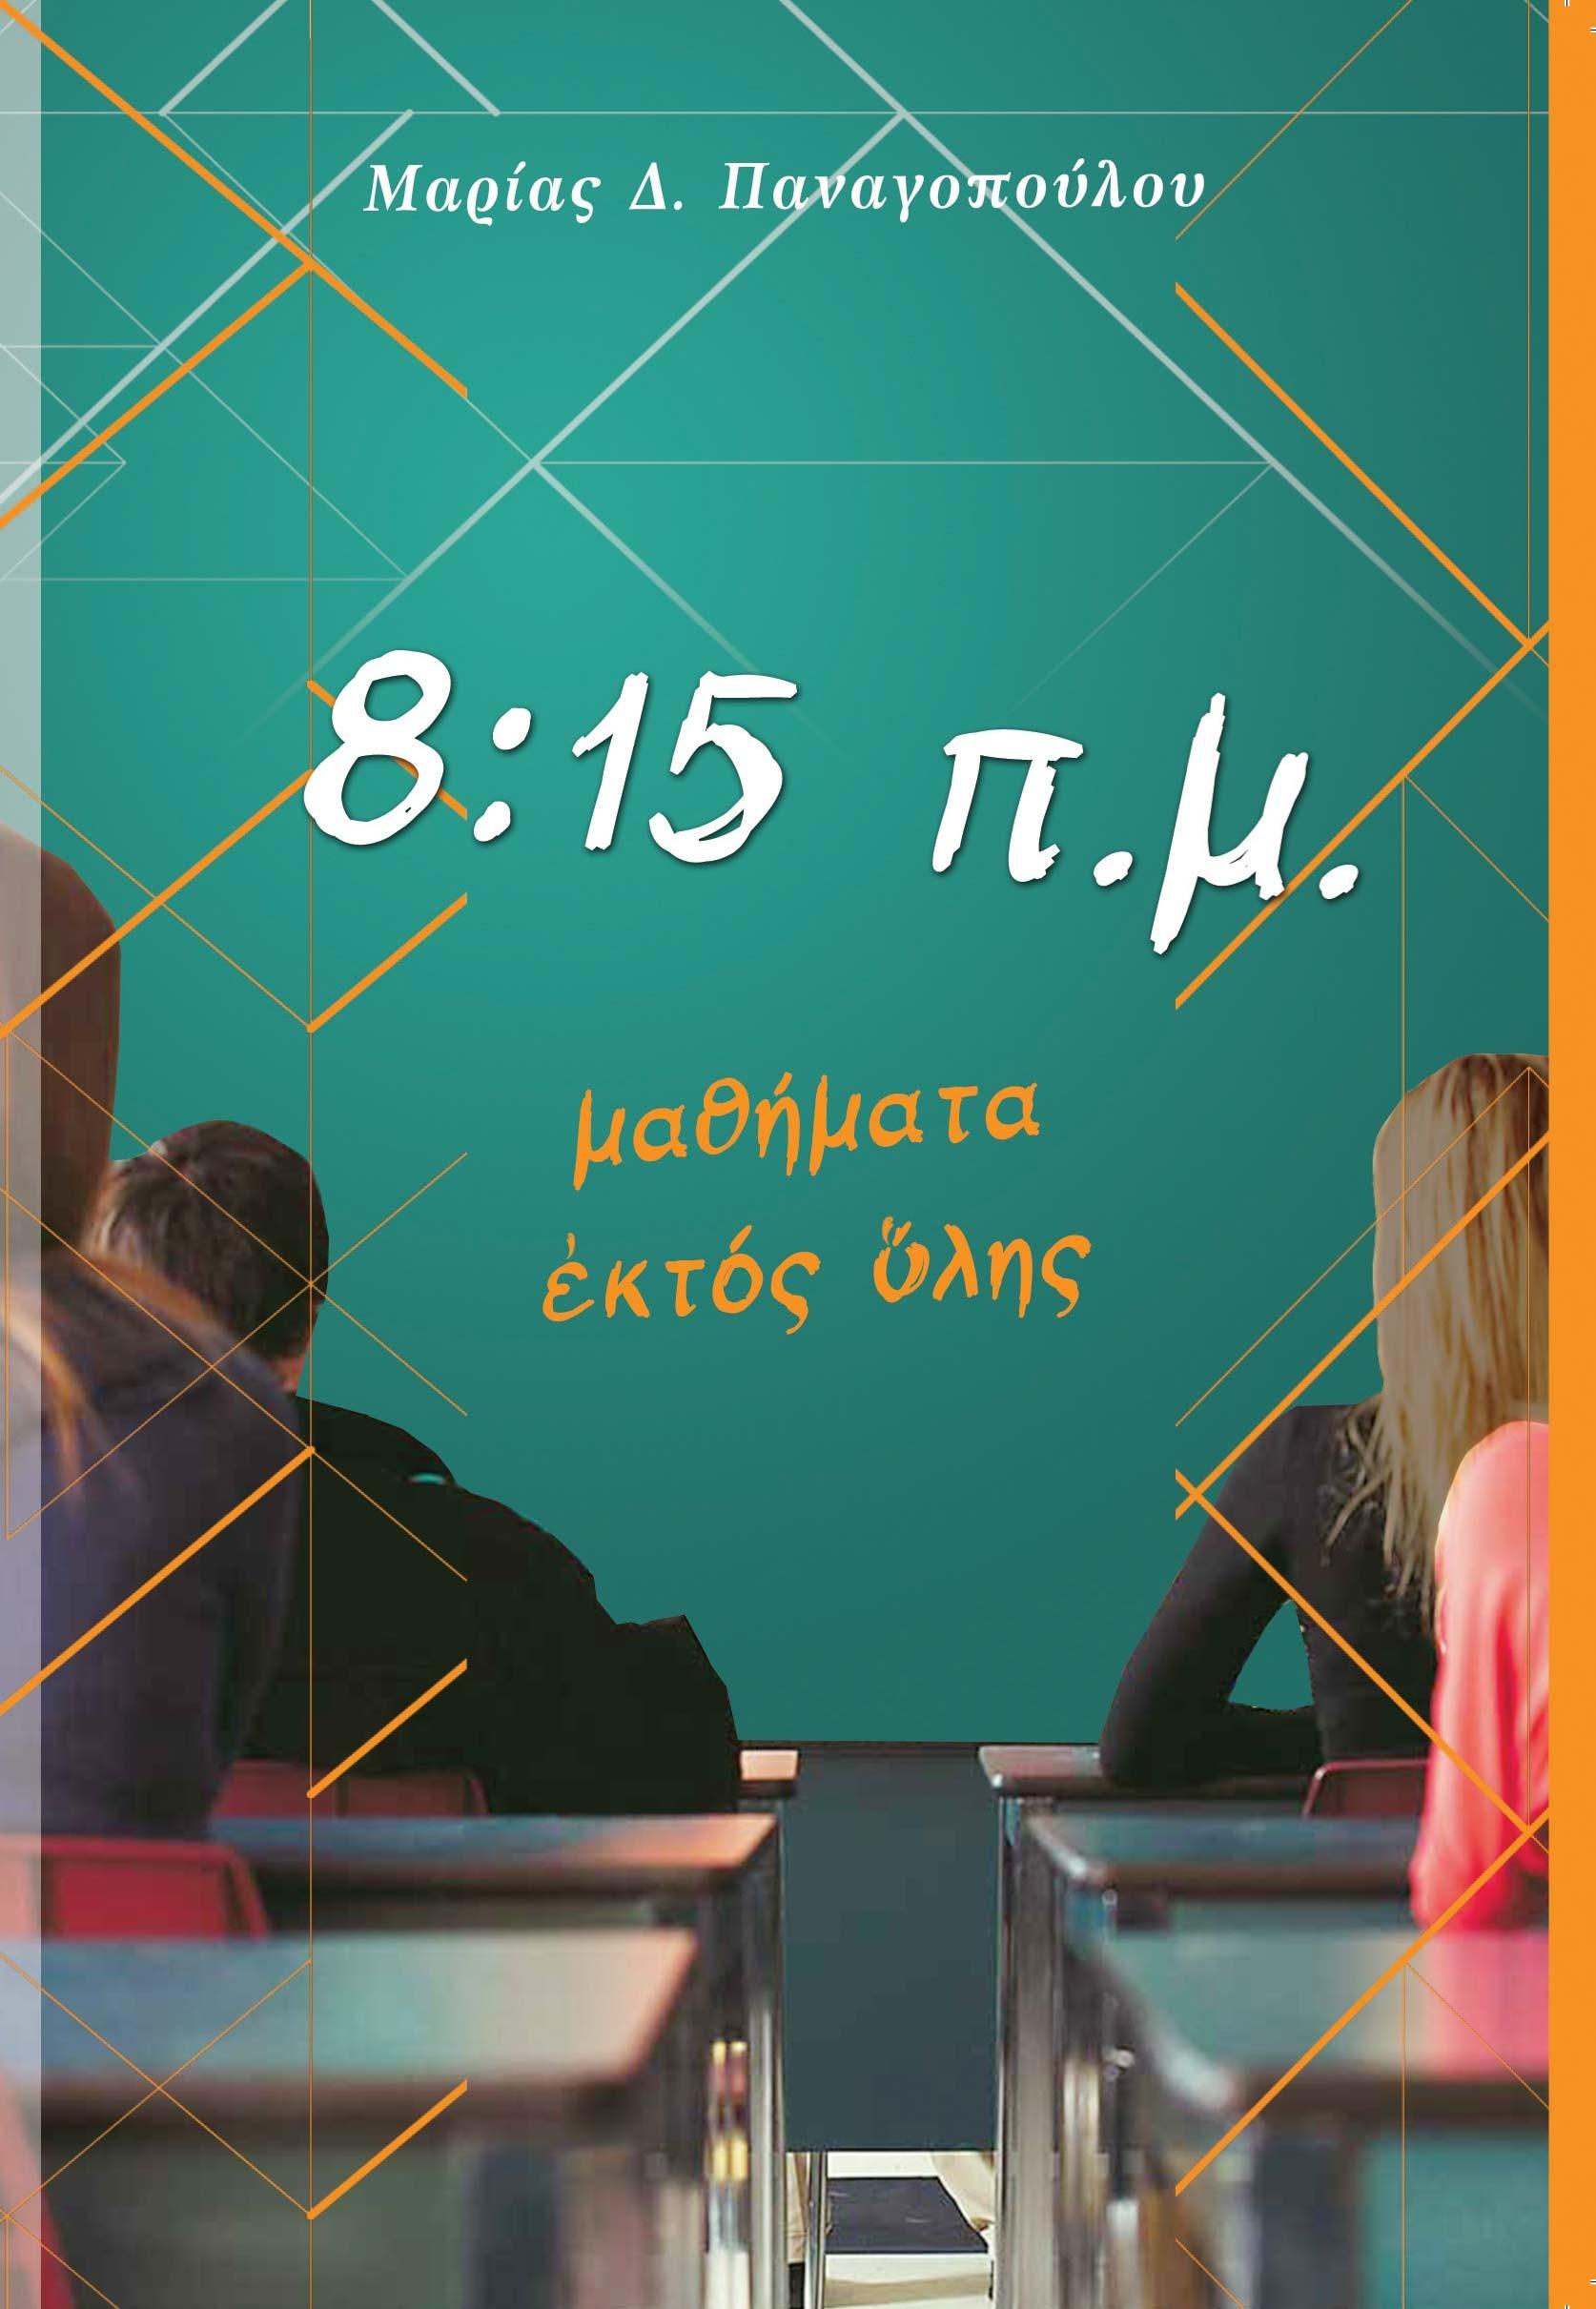 Νεανικά 8:15 Π.Μ. ΜΑΘΗΜΑΤΑ ΕΚΤΟΣ ΥΛΗΣ